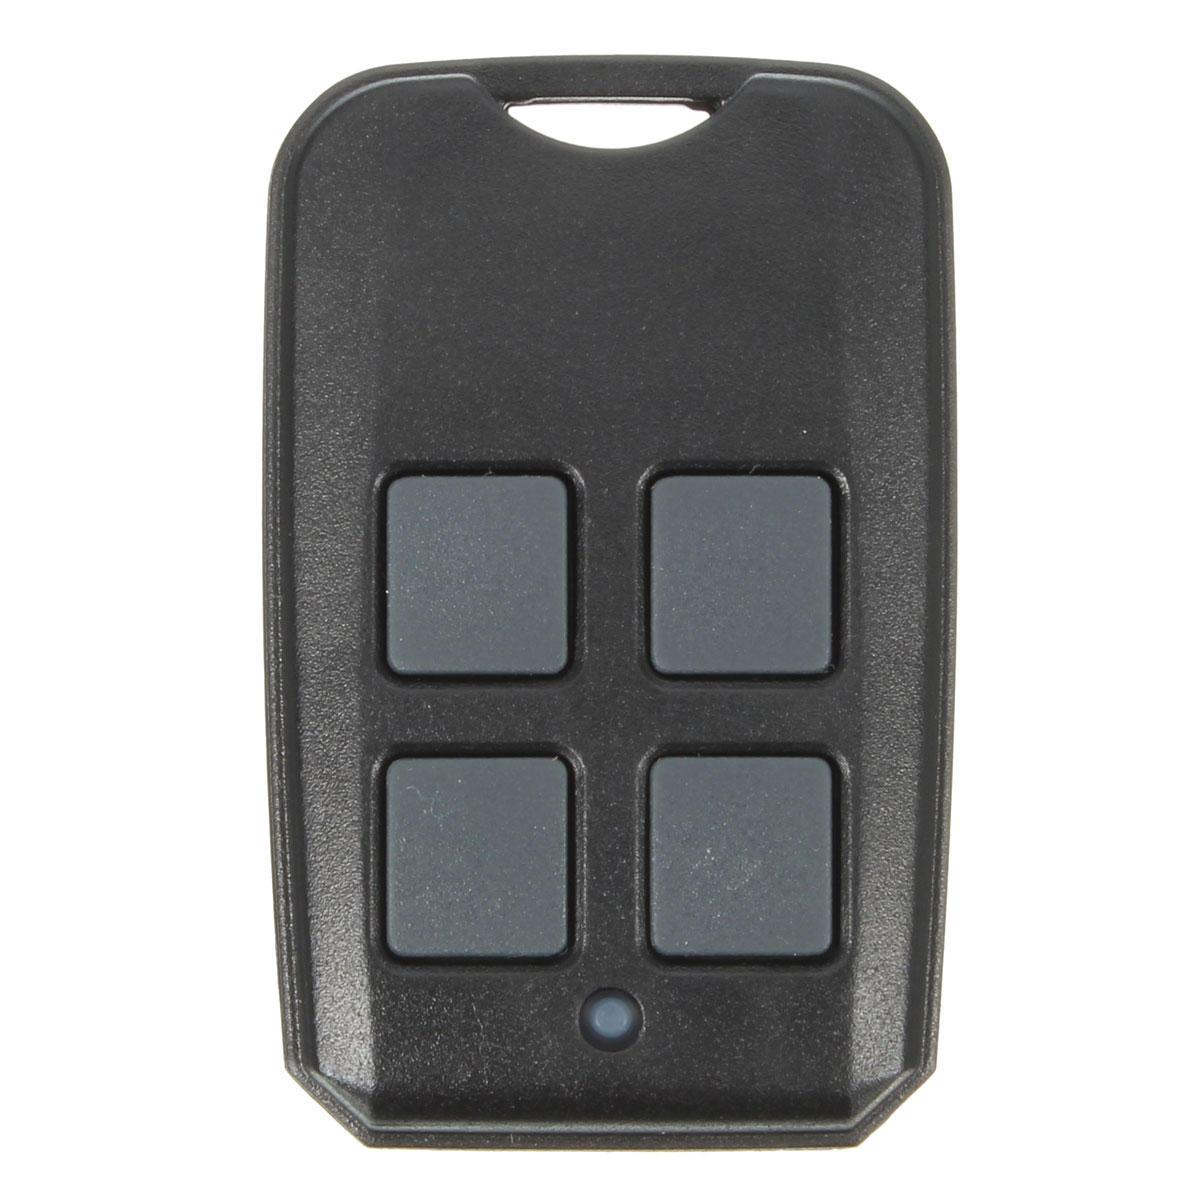 4 Button 315/390MHz Garage Gate Remote Control For G3T-BX GIC GIT OCDT 37218R